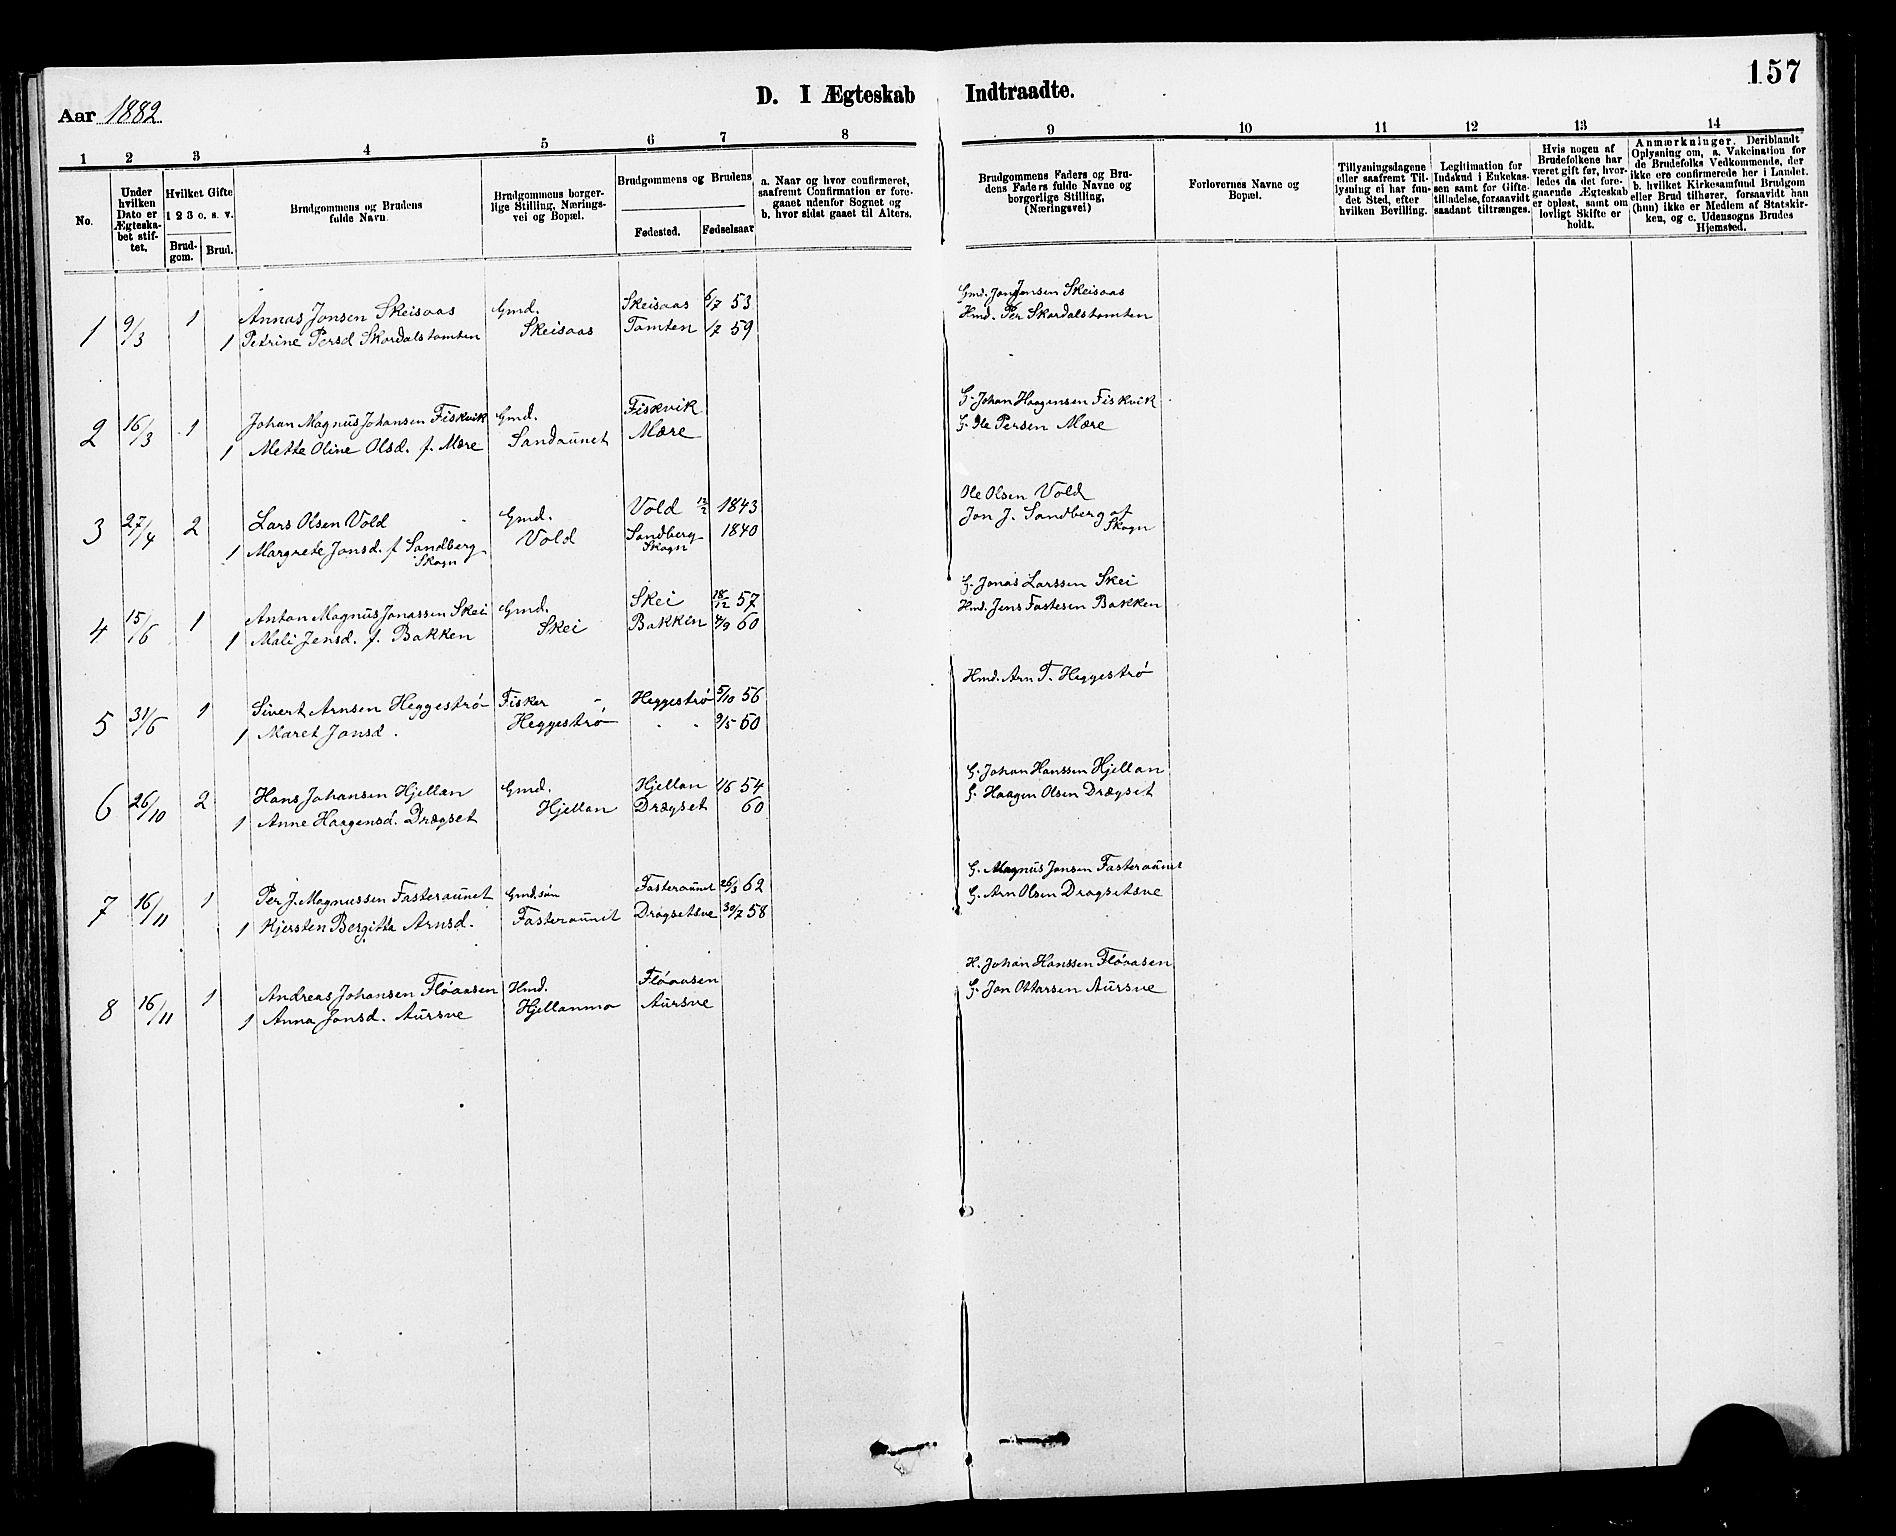 SAT, Ministerialprotokoller, klokkerbøker og fødselsregistre - Nord-Trøndelag, 712/L0103: Klokkerbok nr. 712C01, 1878-1917, s. 157